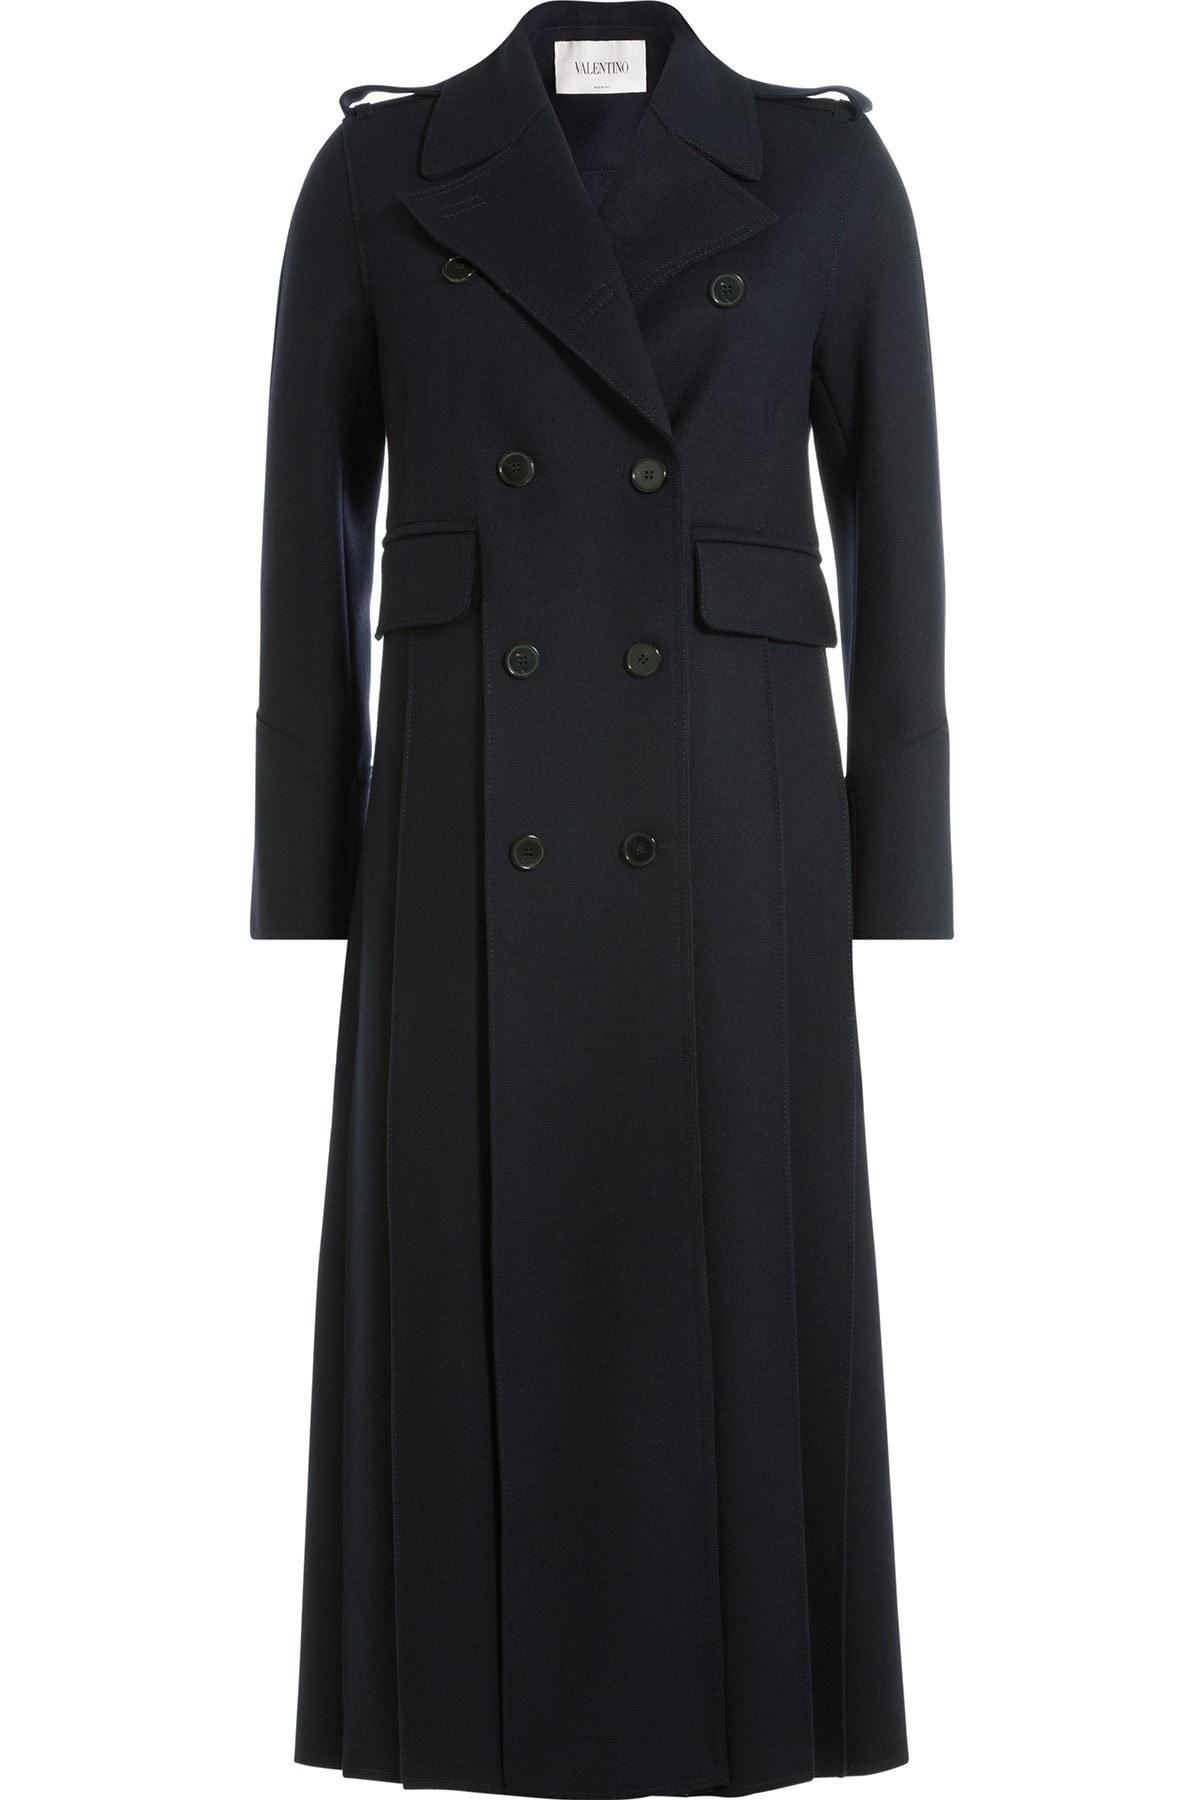 valentino cappotto blu